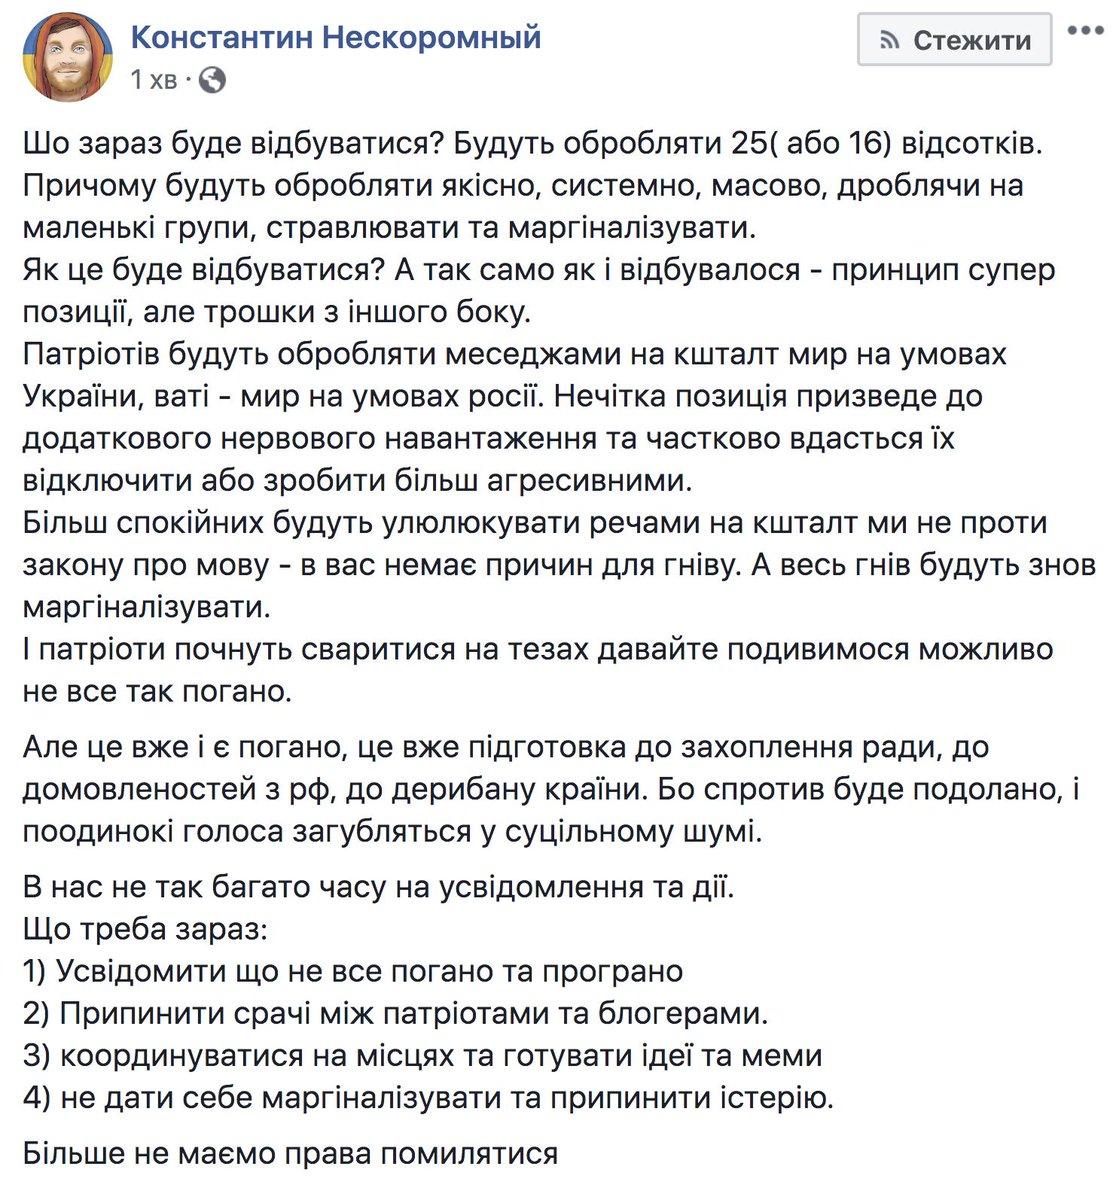 Роздача паспортів в ОРДЛО обійдеться Росії в 100 млрд рублів, - Путін - Цензор.НЕТ 2485